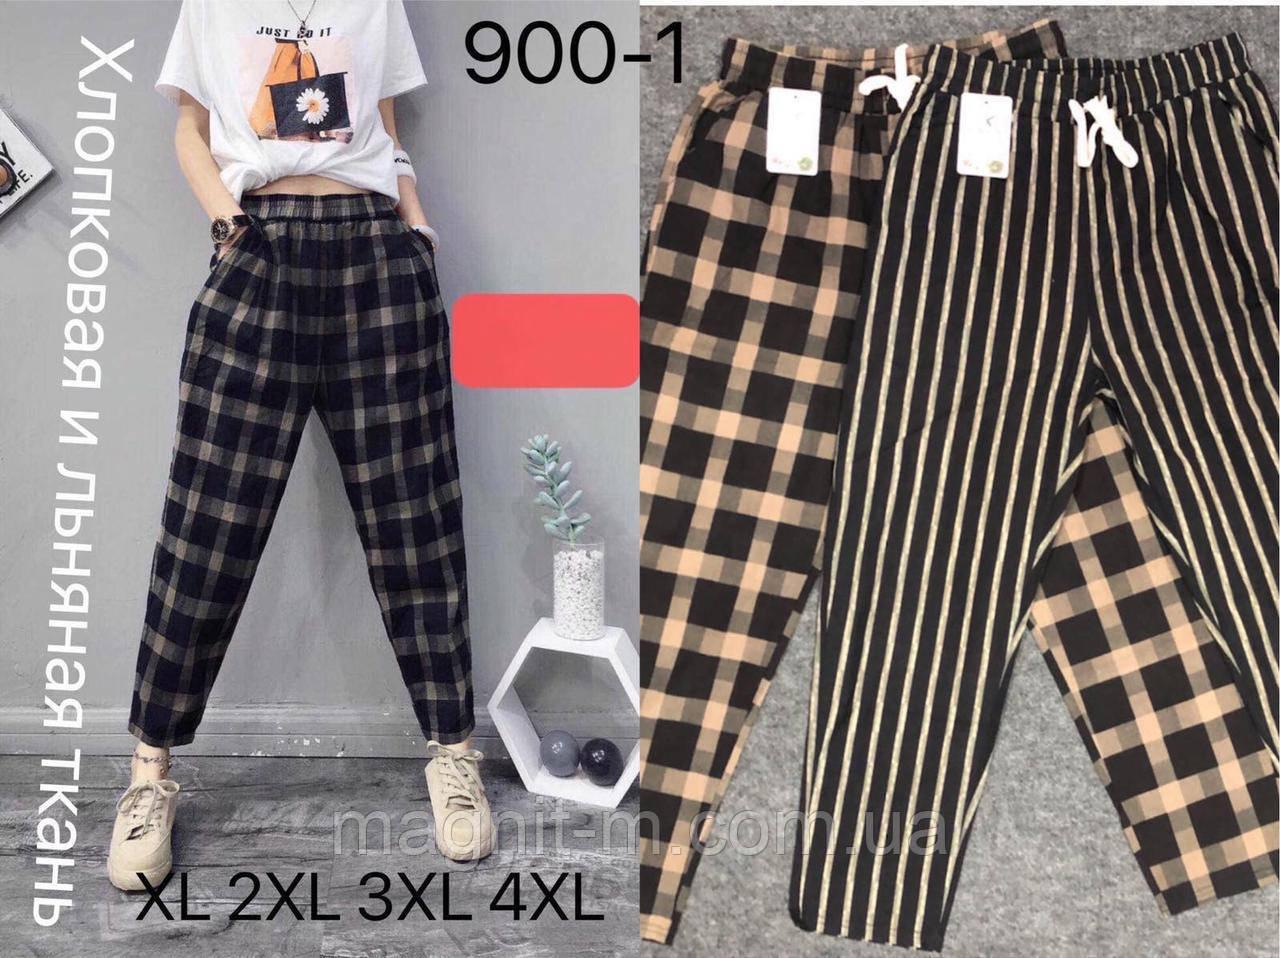 Трендові молодіжні брюки бавовняні. Клітка, смужка. №900-1.